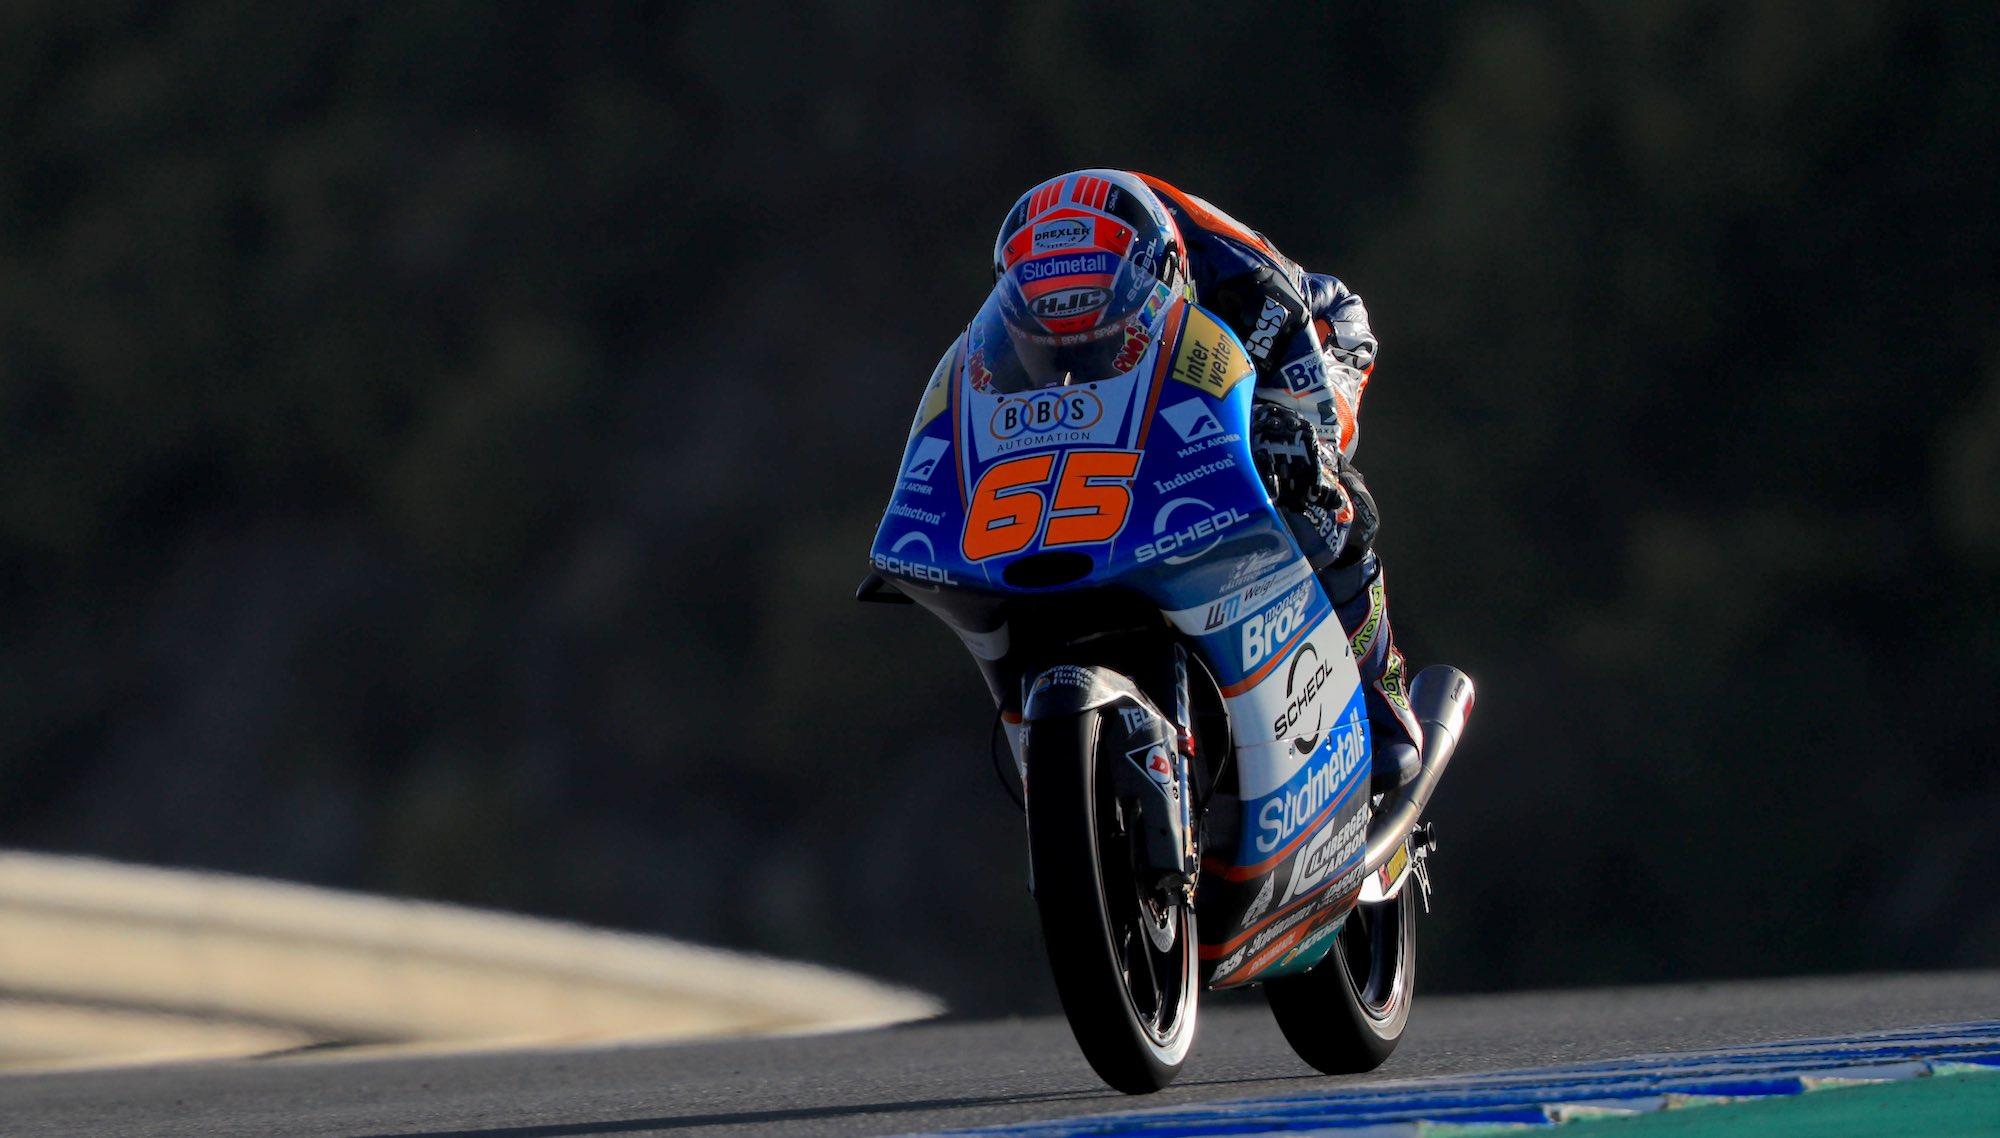 """Victoria de Philipp Öttl en Jerez marcada por un """"strike"""" en los últimas vueltas"""